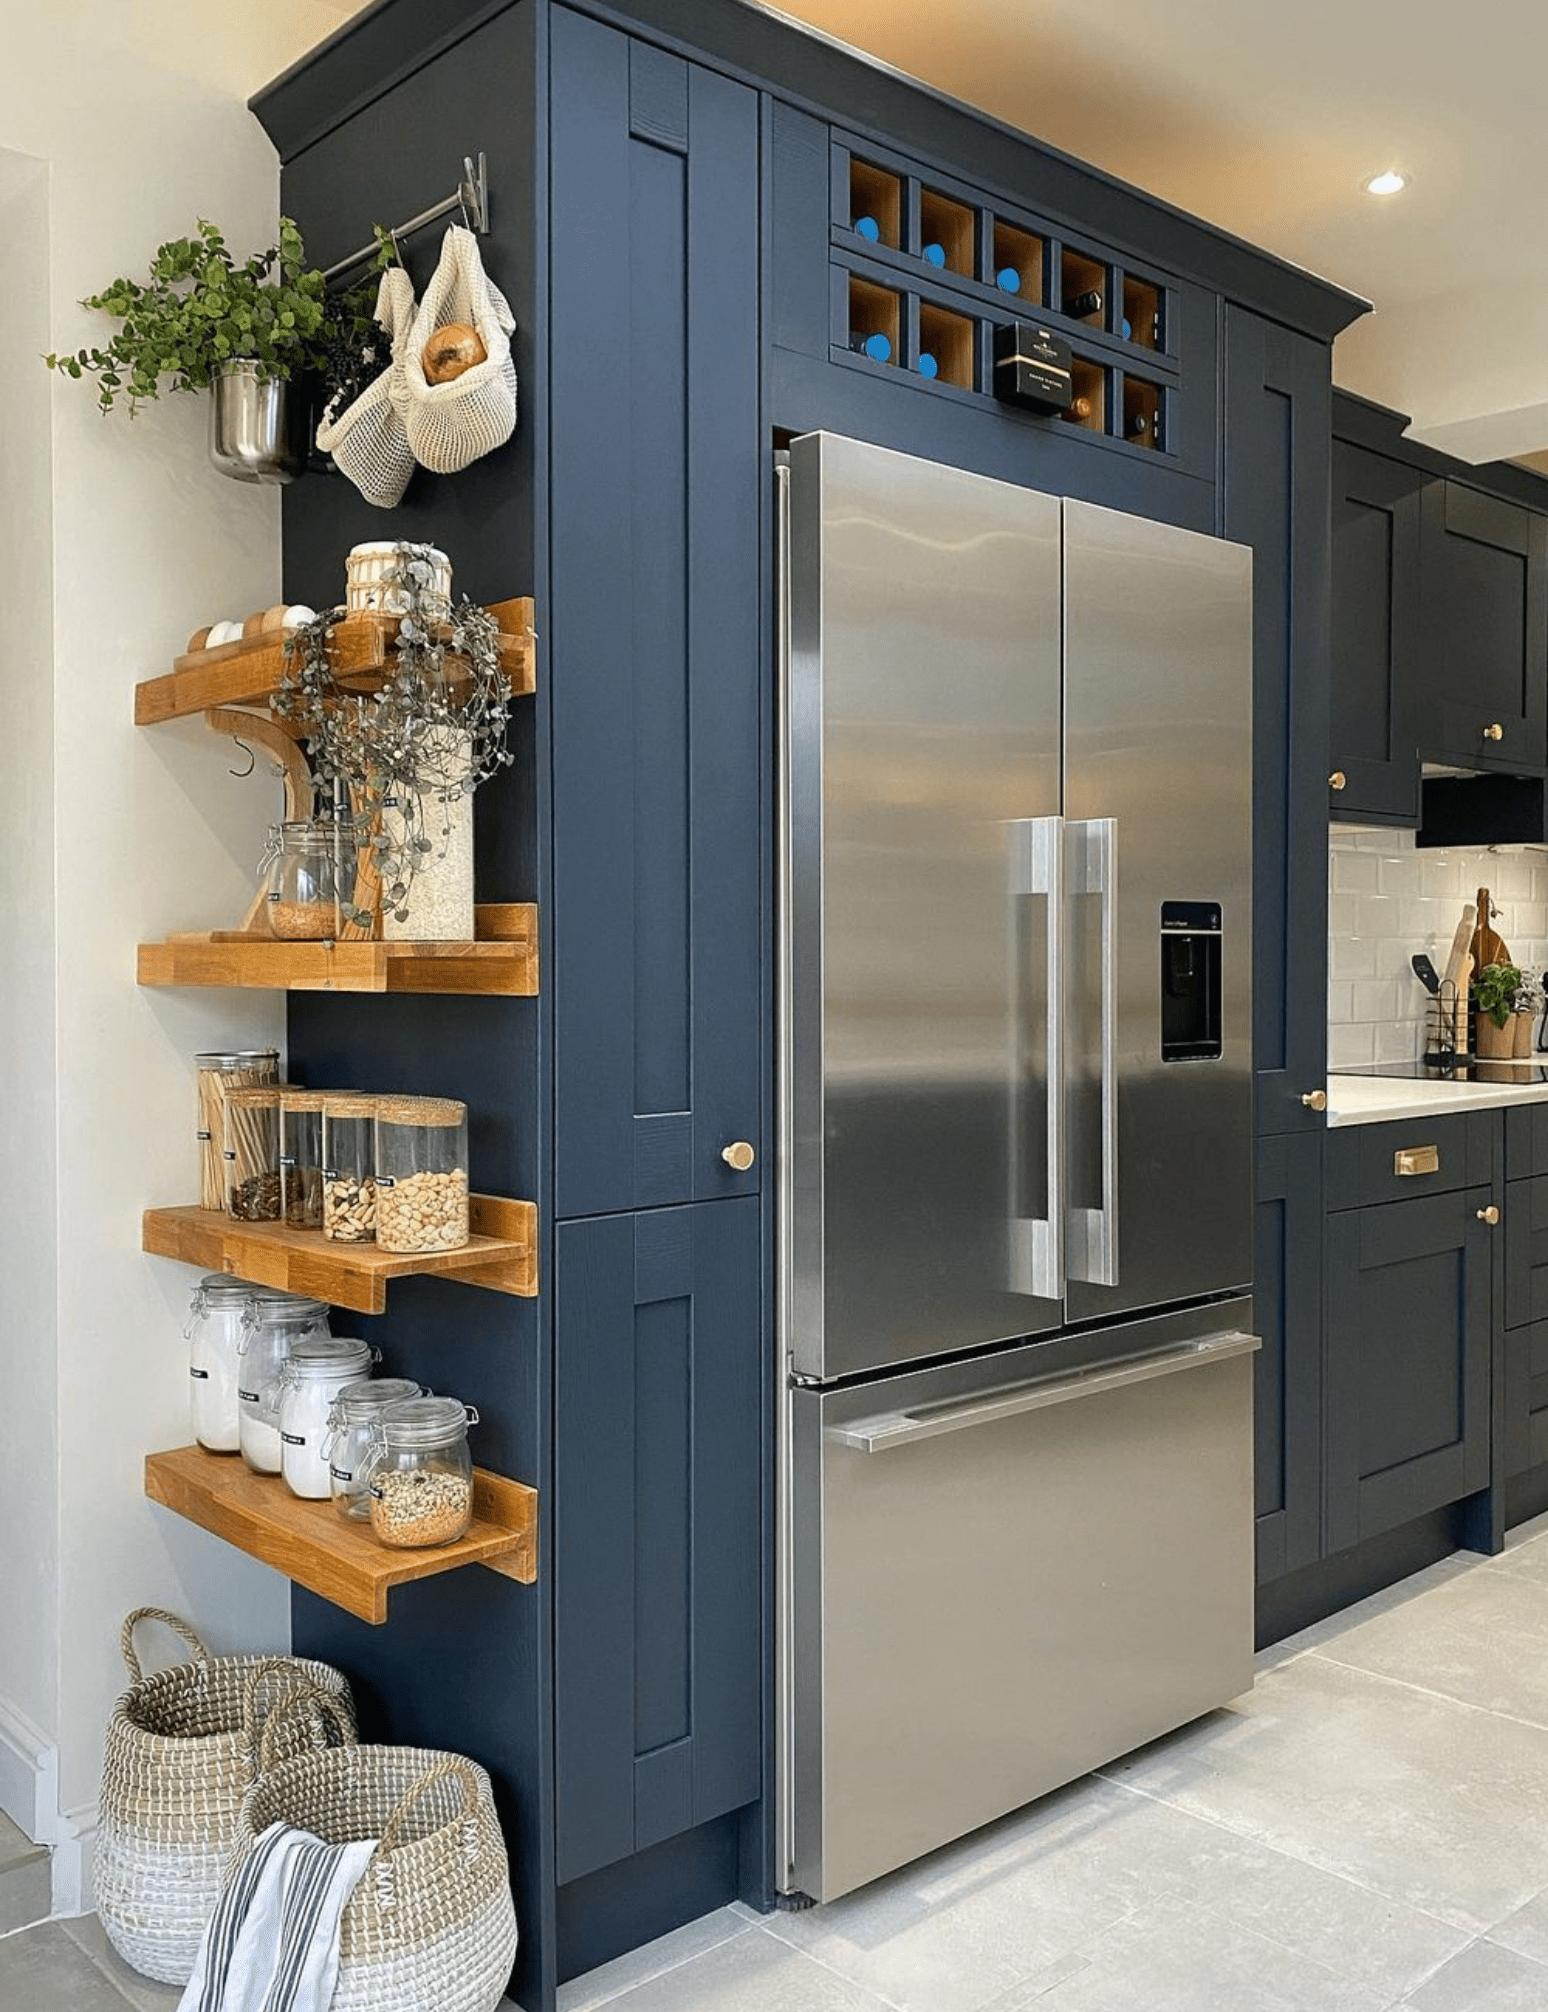 20 Genius Storage Ideas To Maximize Your Small Kitchen